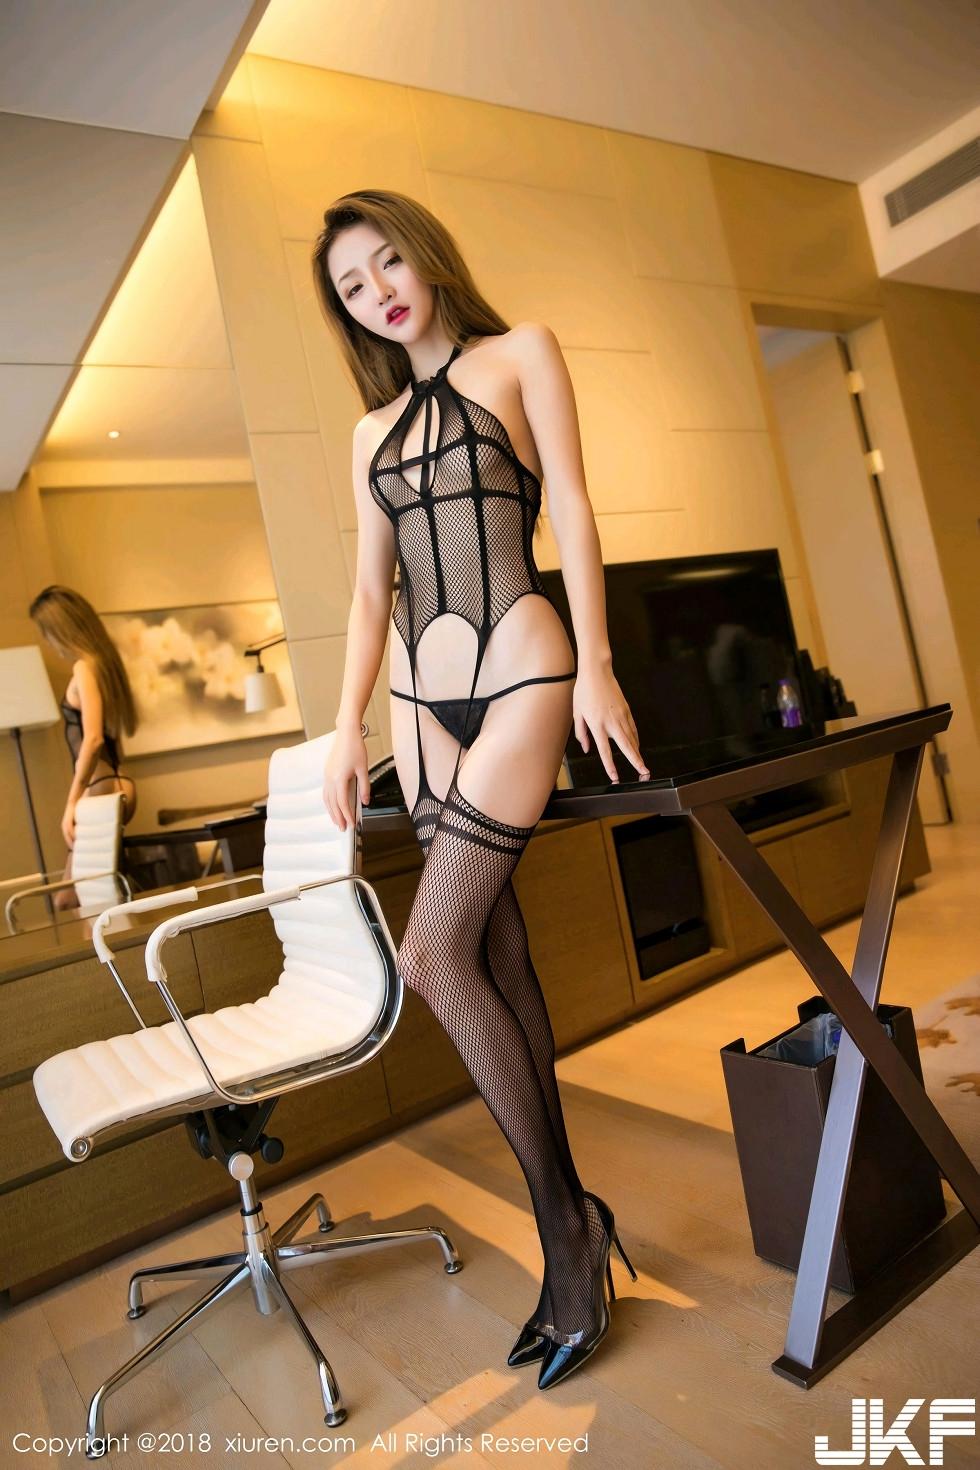 嫩模Miko醬私房黑色情趣網衣配黑色丁字褲完美火辣誘惑寫真 - 貼圖 - 清涼寫真 -